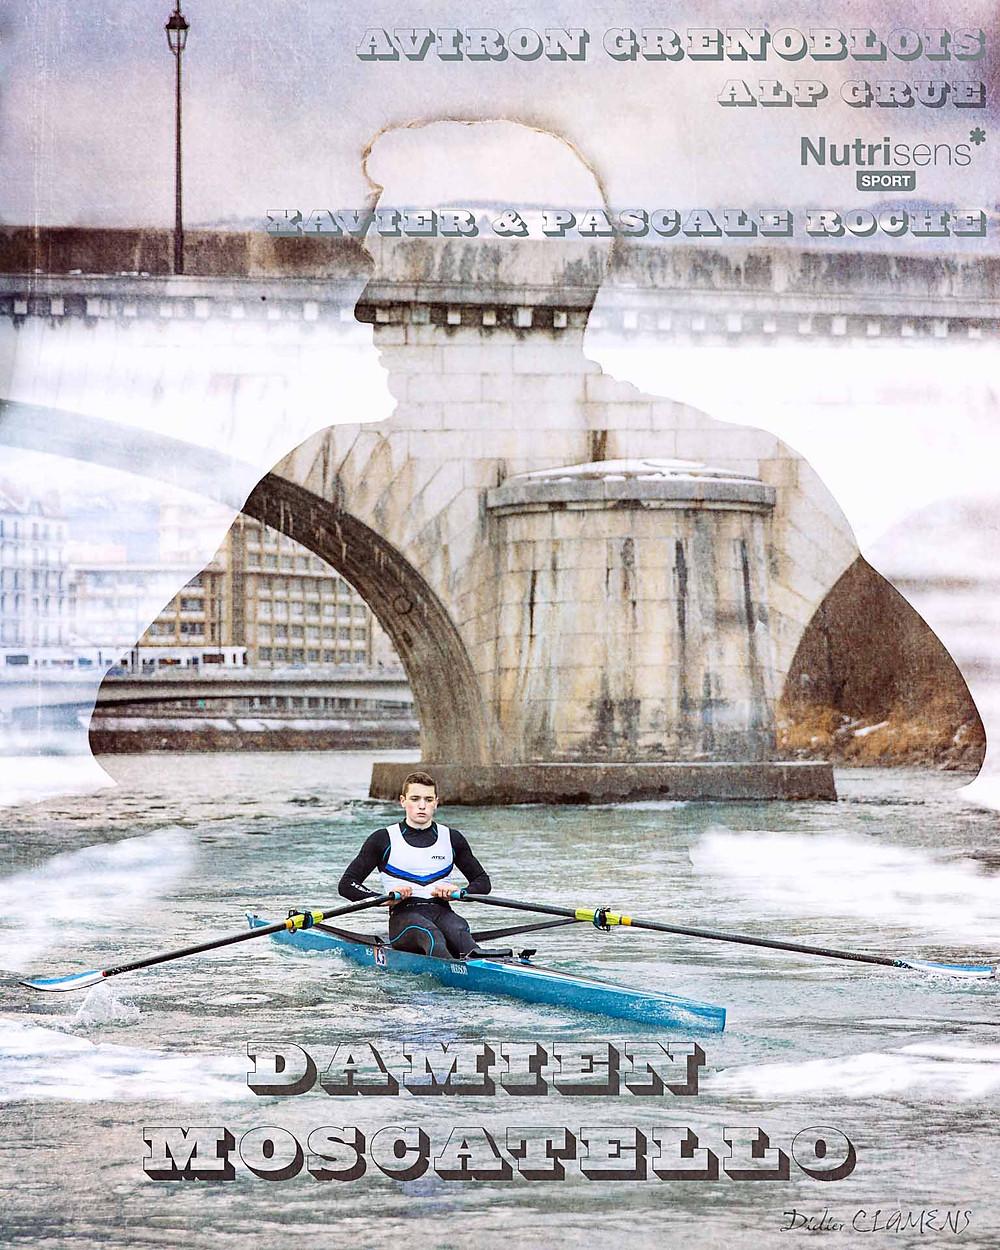 Création d'une affiche d'aviron, sur l'Isère à Grenoble